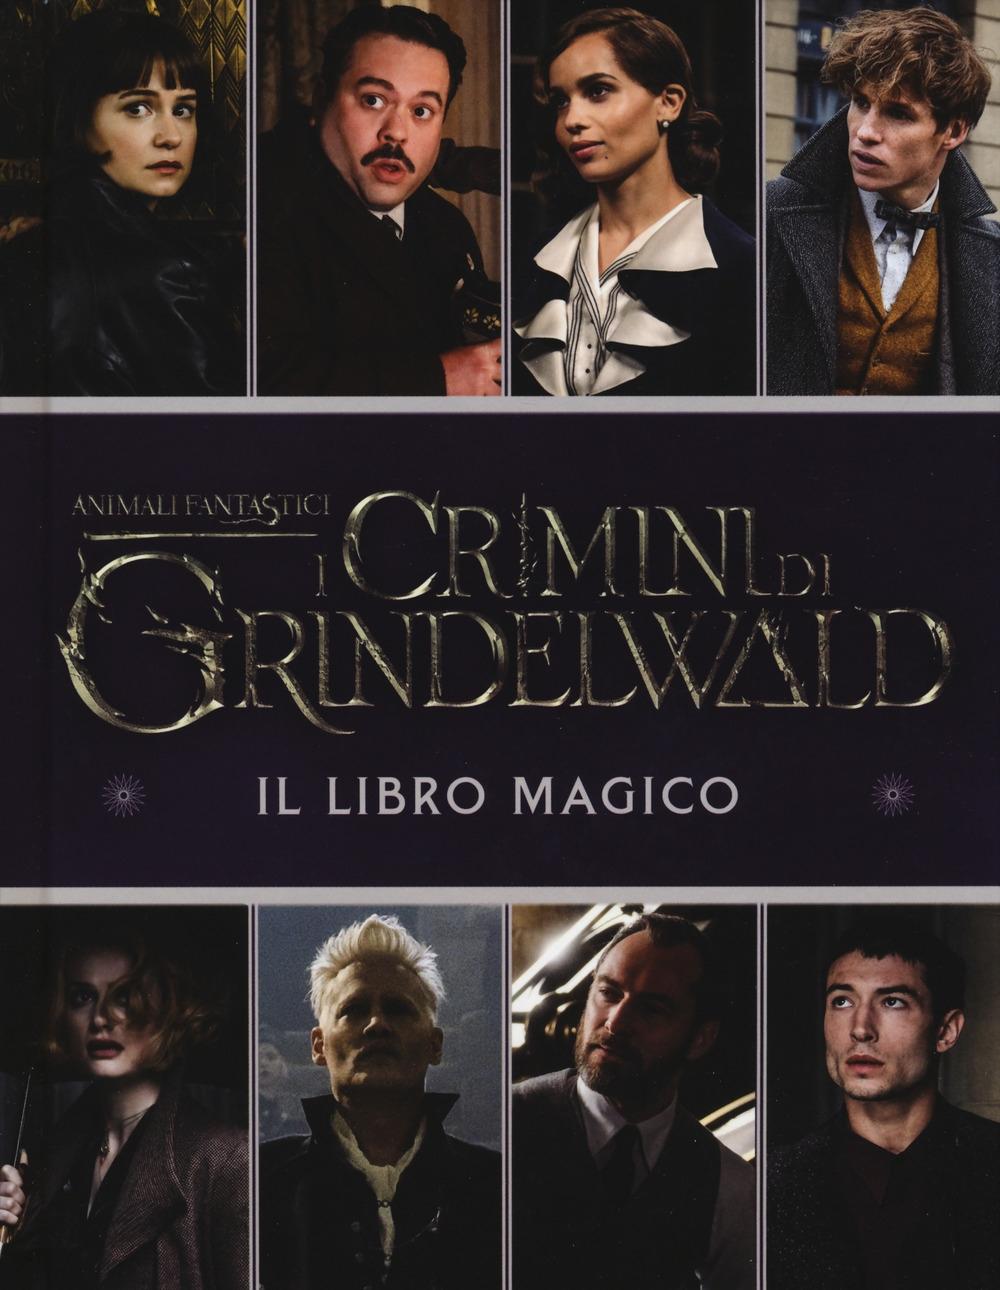 Animali fantastici. I crimini di Grindelwald. Il libro magico